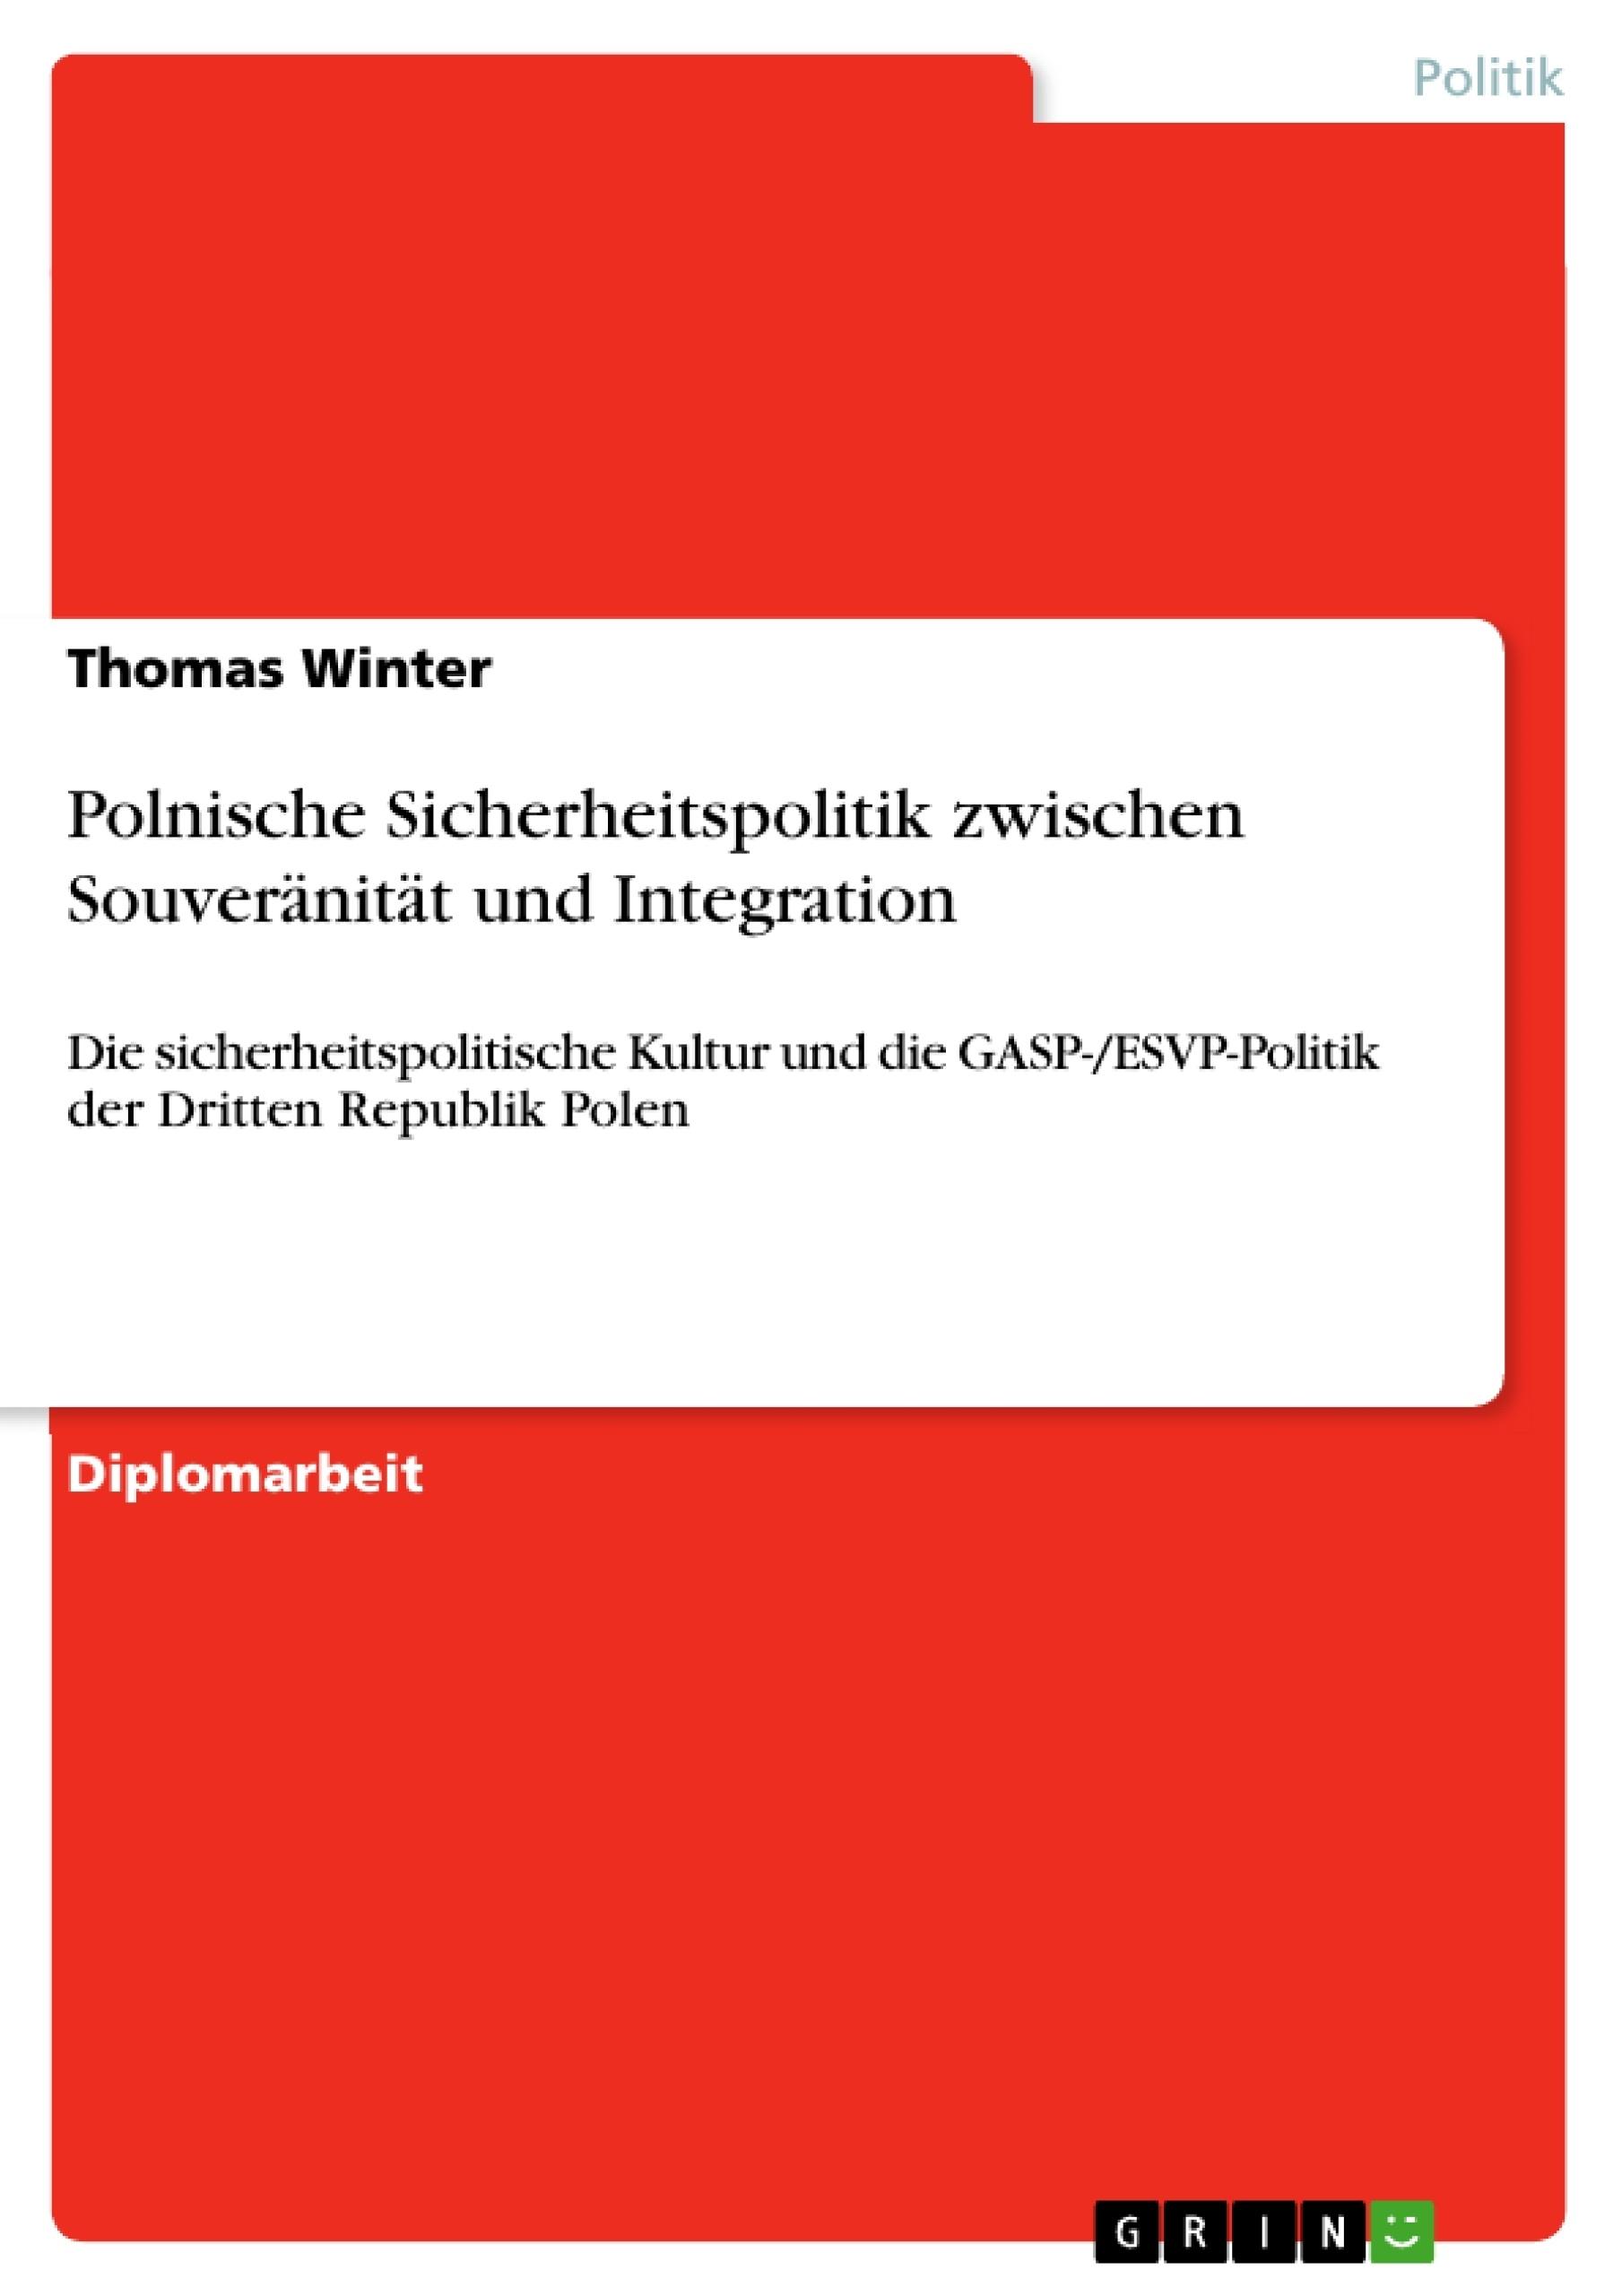 Titel: Polnische Sicherheitspolitik zwischen Souveränität und Integration